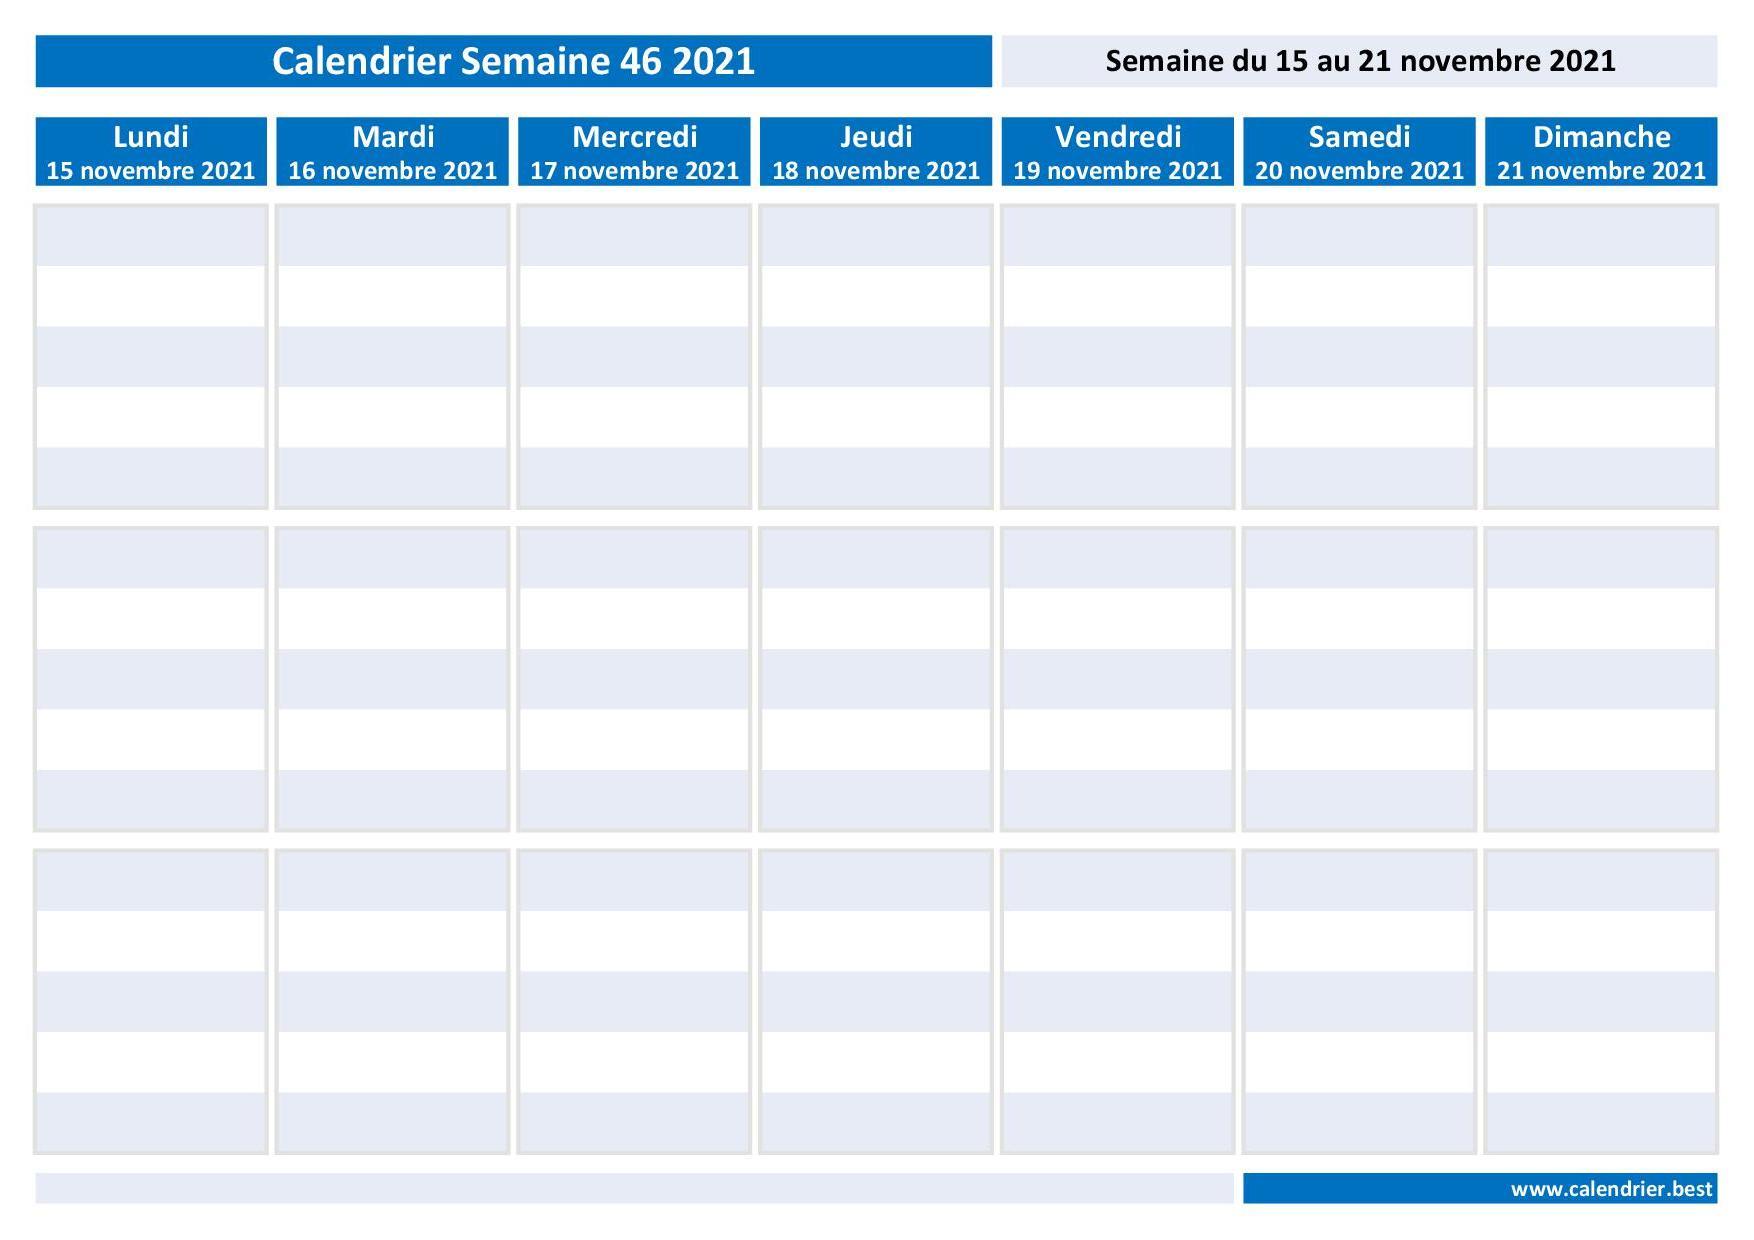 Semaine 46 2021 : dates, calendrier et planning hebdomadaire à